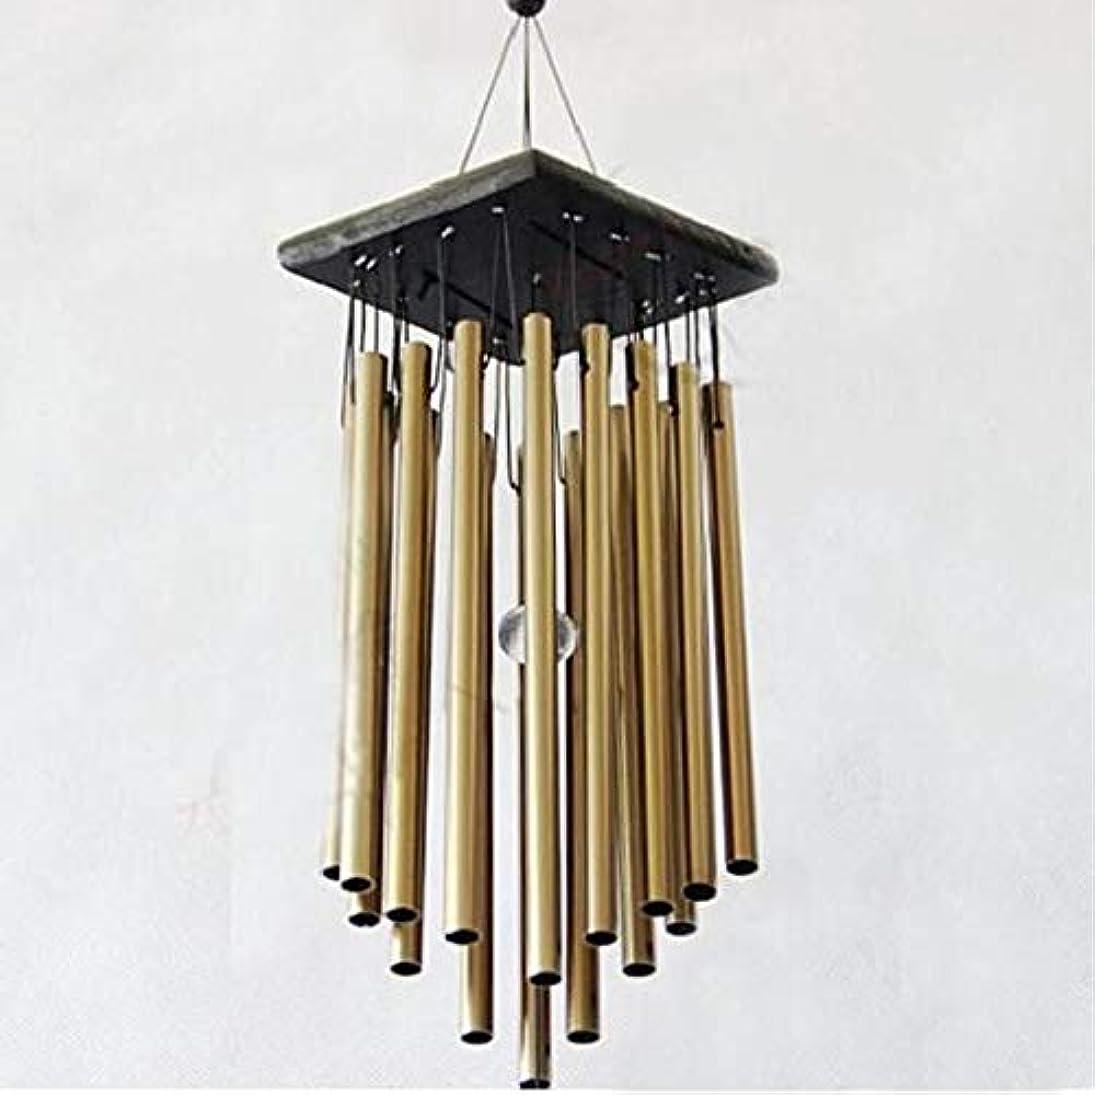 嘆くママ変色するYougou01 風チャイム、メタル風チャイム16本のチューブ、イエロー、65CMについて全身をハンギング 、創造的な装飾